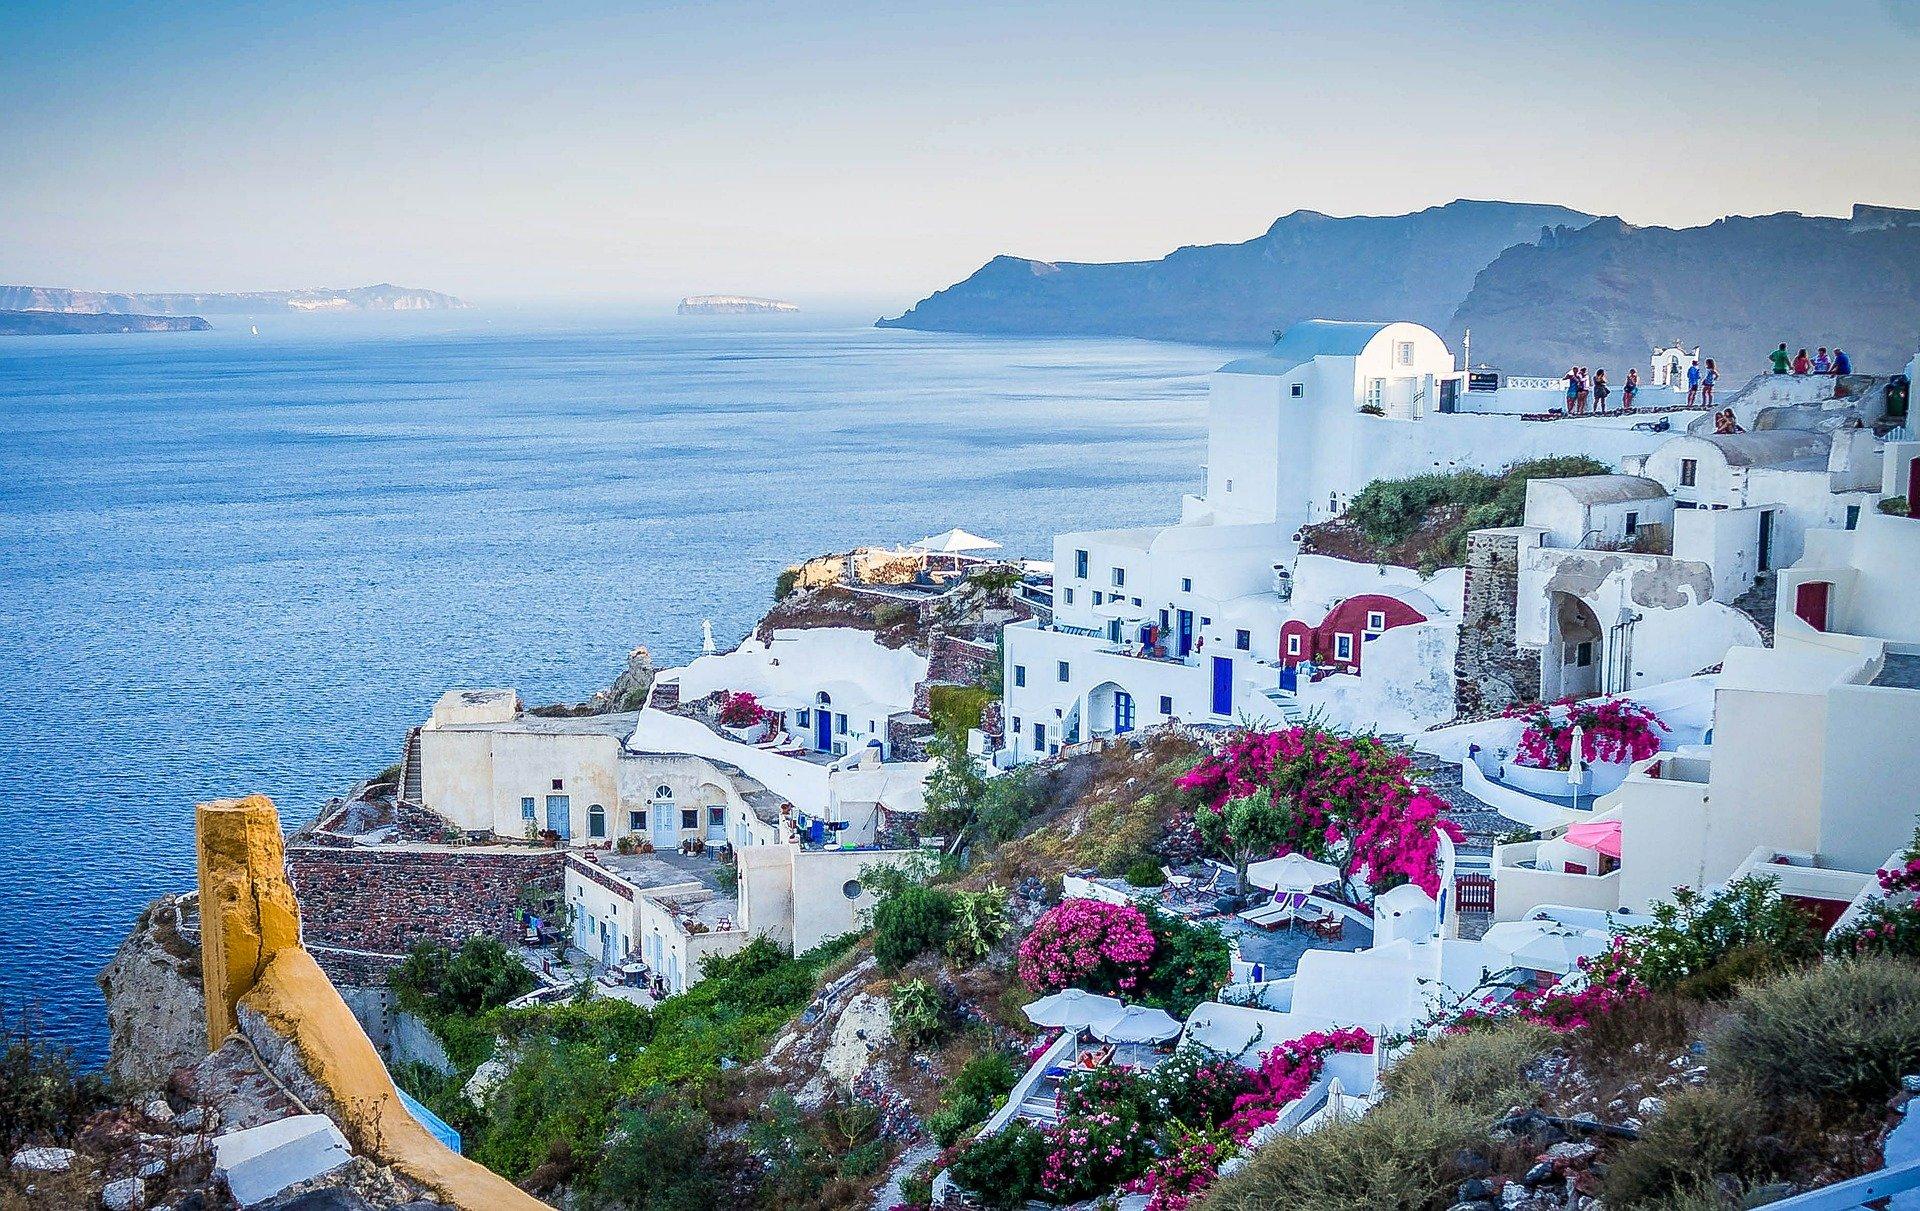 Reconstruire le secteur du tourisme, dévasté par la crise Covid. Le tourisme durable, une des clés pour l'avenir !